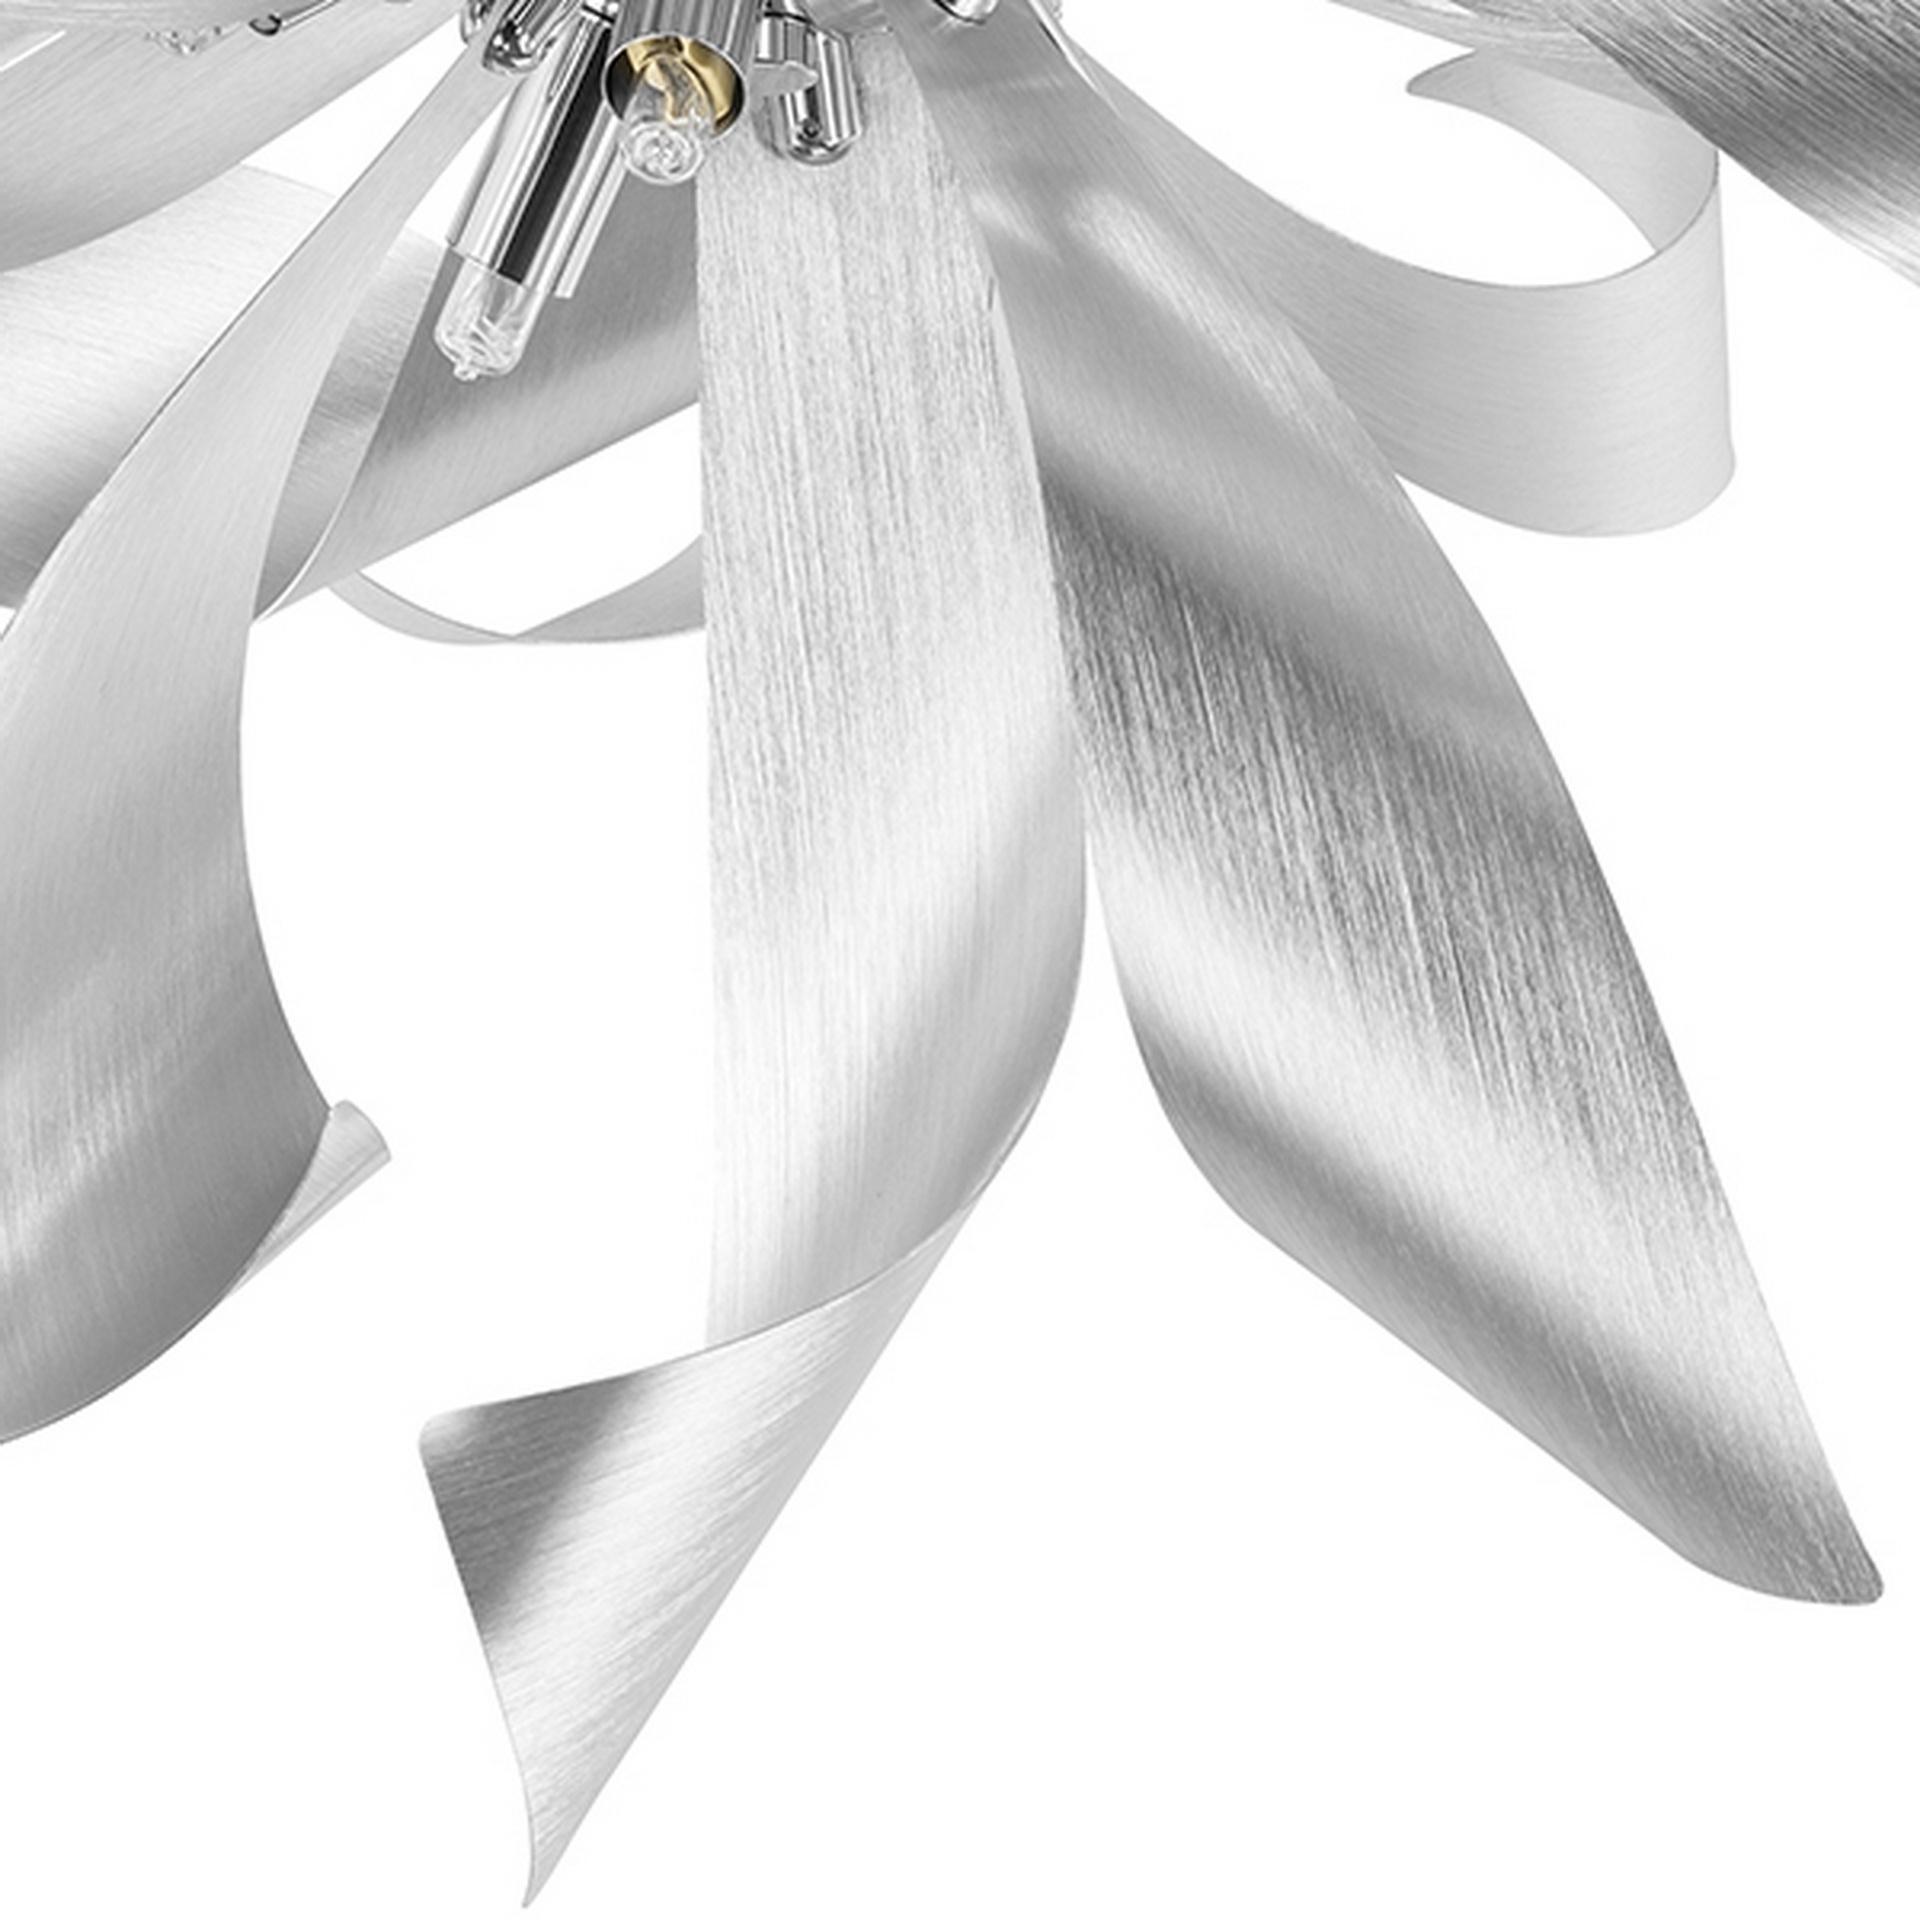 Люстра потолочная Turbio 6Х40W G9 satin alu Lightstar 754169, купить в СПб, Москве, с доставкой, Санкт-Петербург, интернет-магазин люстр и светильников Starlight, фото в жизни